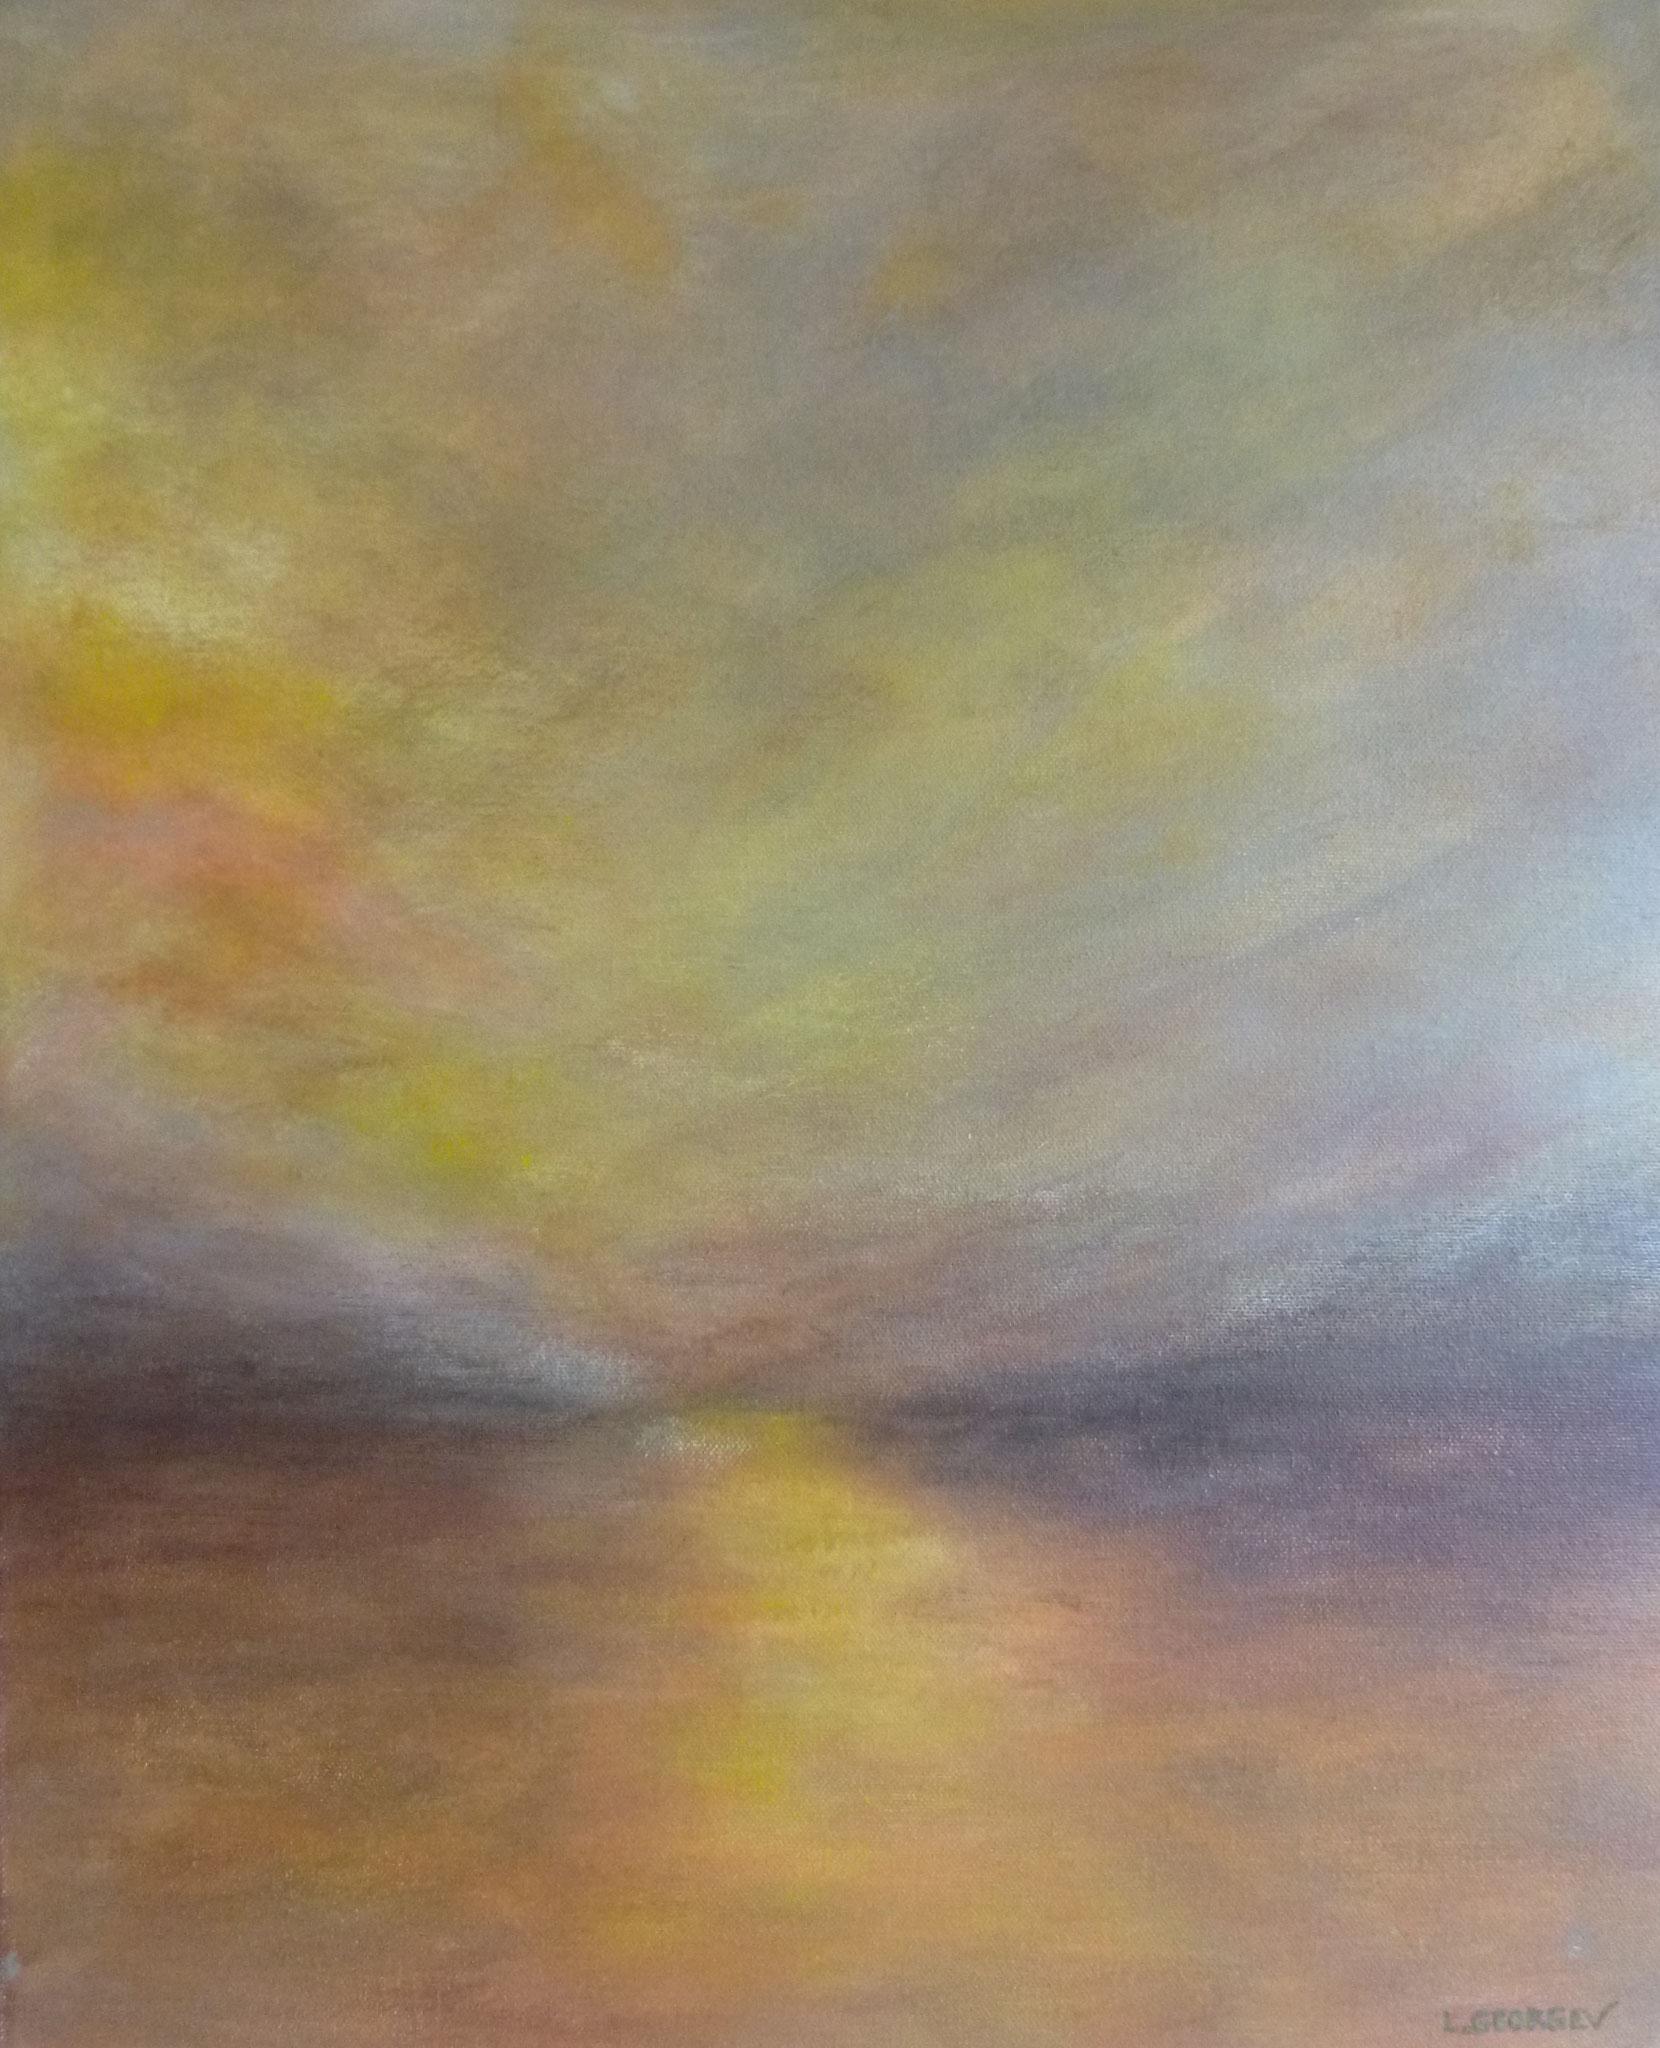 CRÉPUSCULE, acrylique sur toile, 50x40 cm